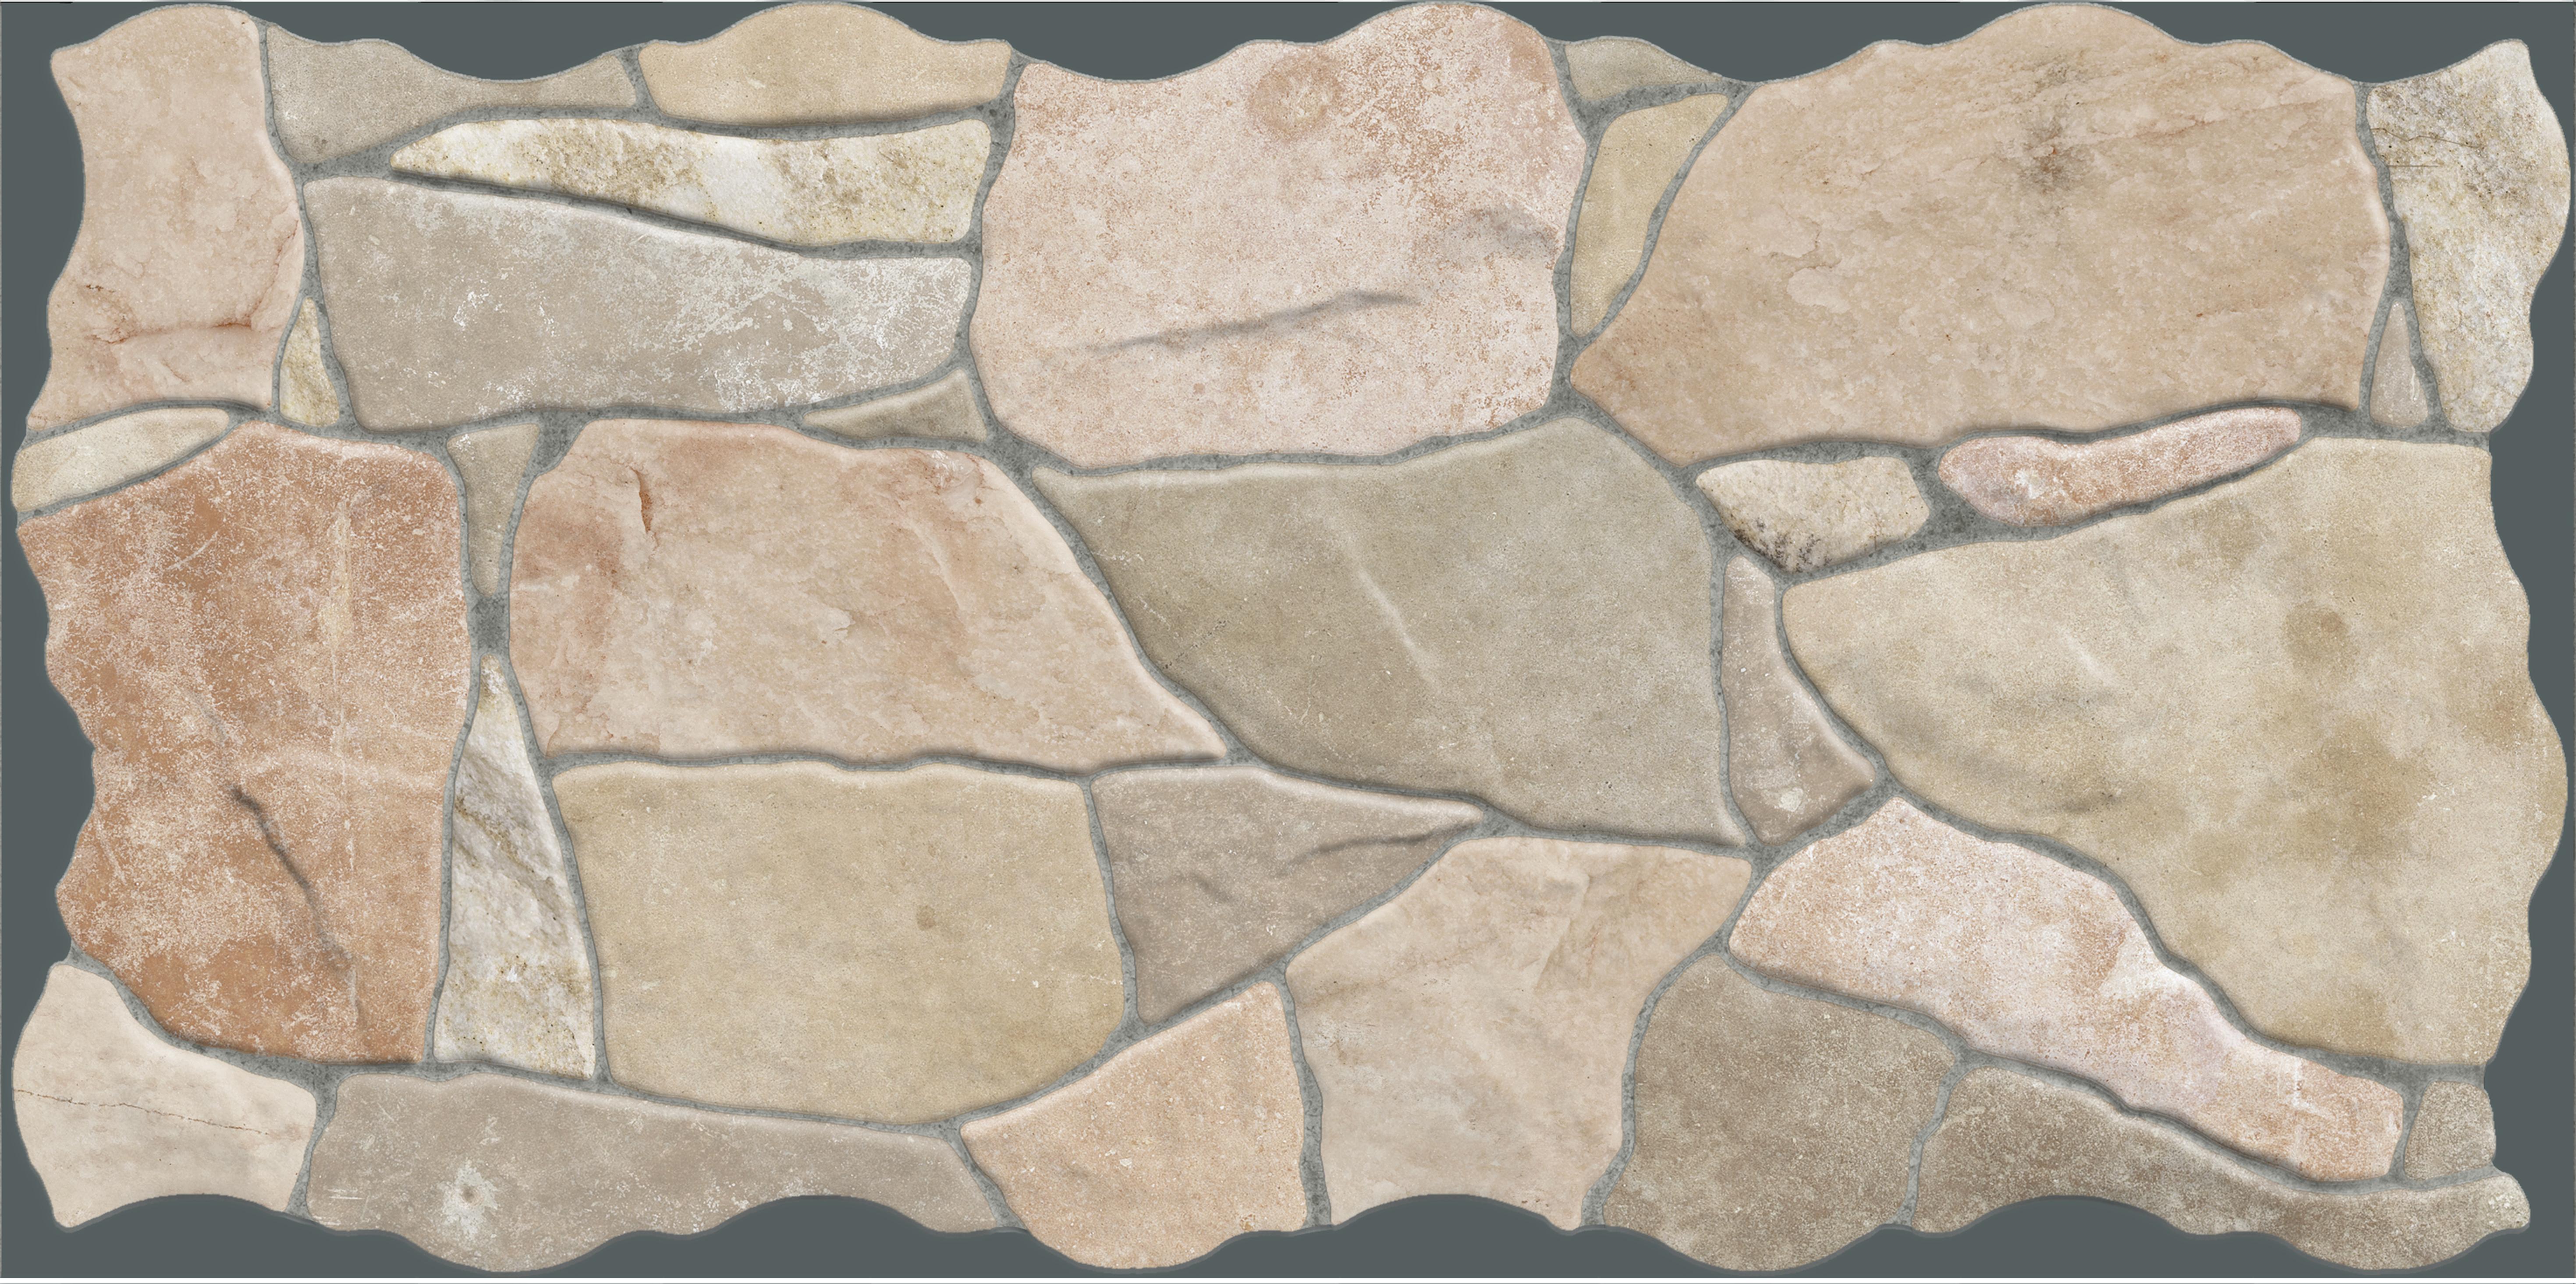 Купить Керамогранит Keros Piedra Natural 23x46, Испания